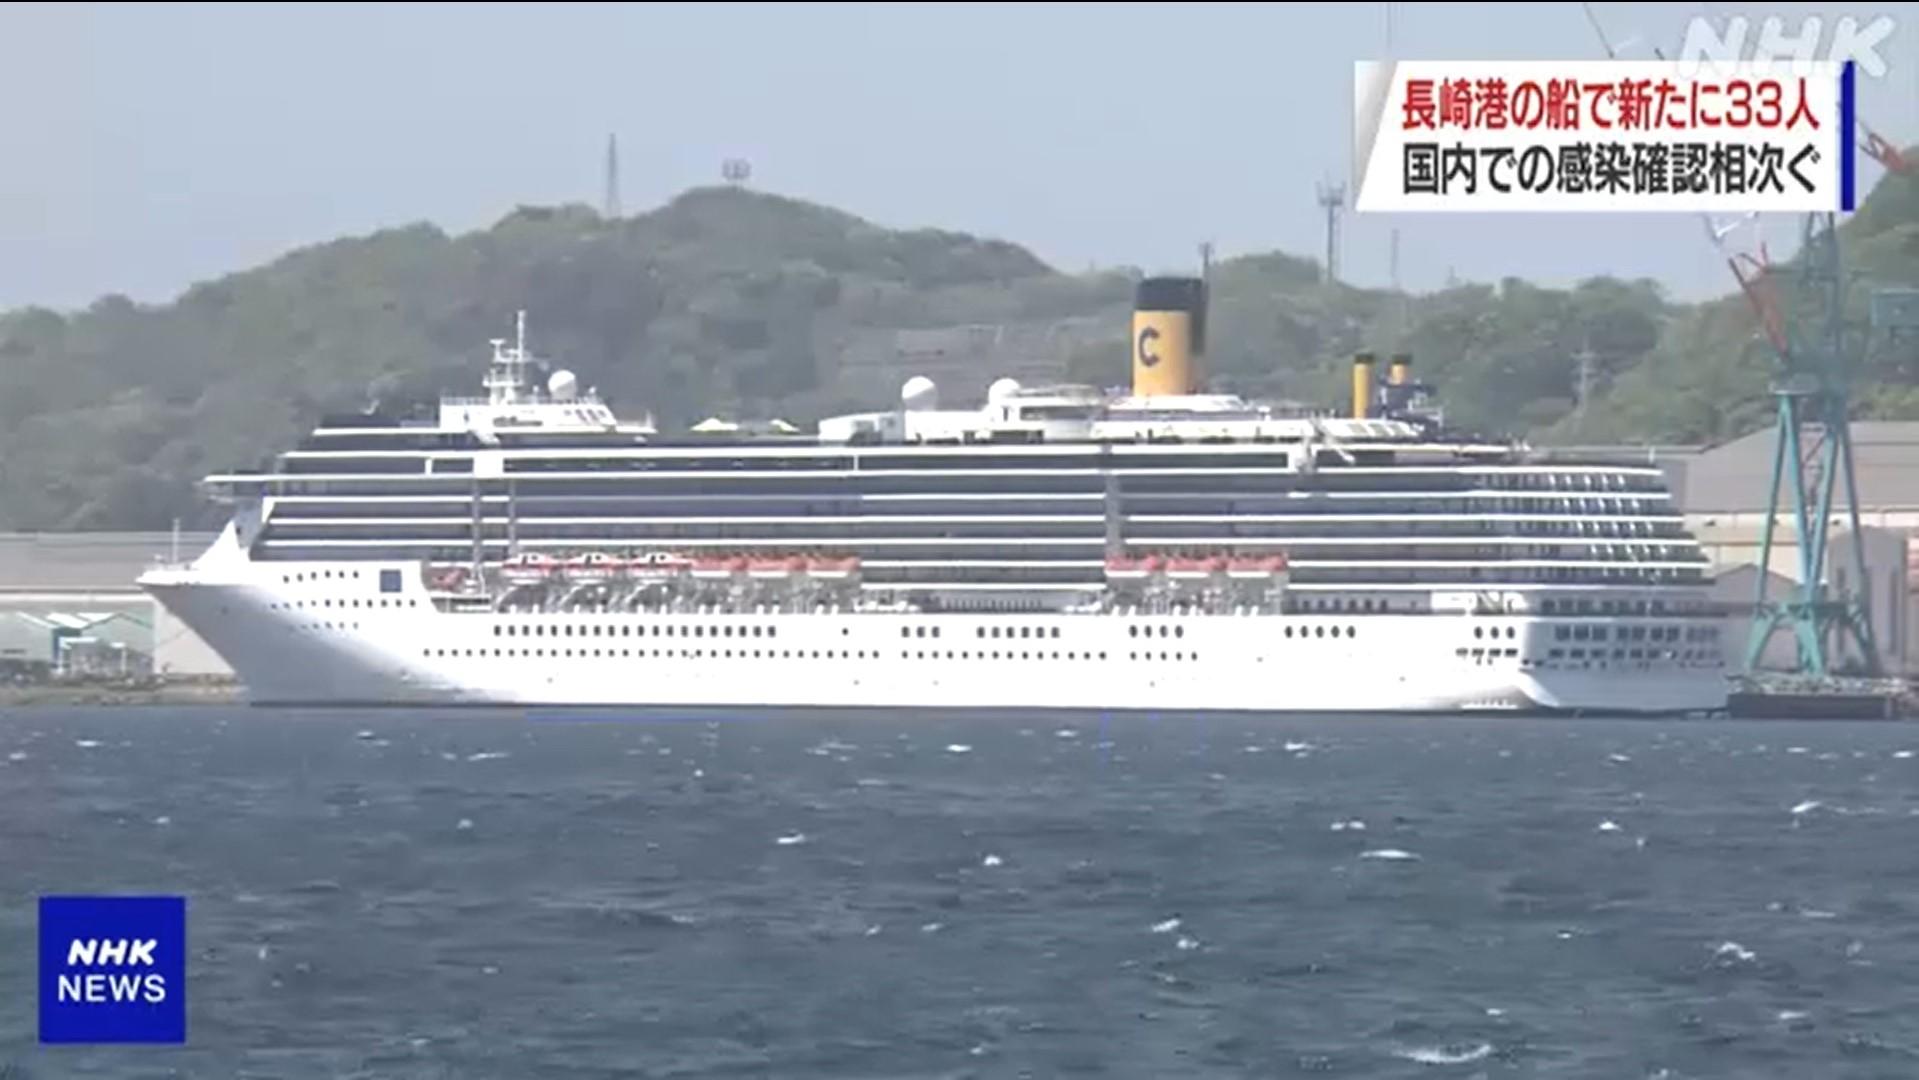 クルーズ 長崎 船 コロナ